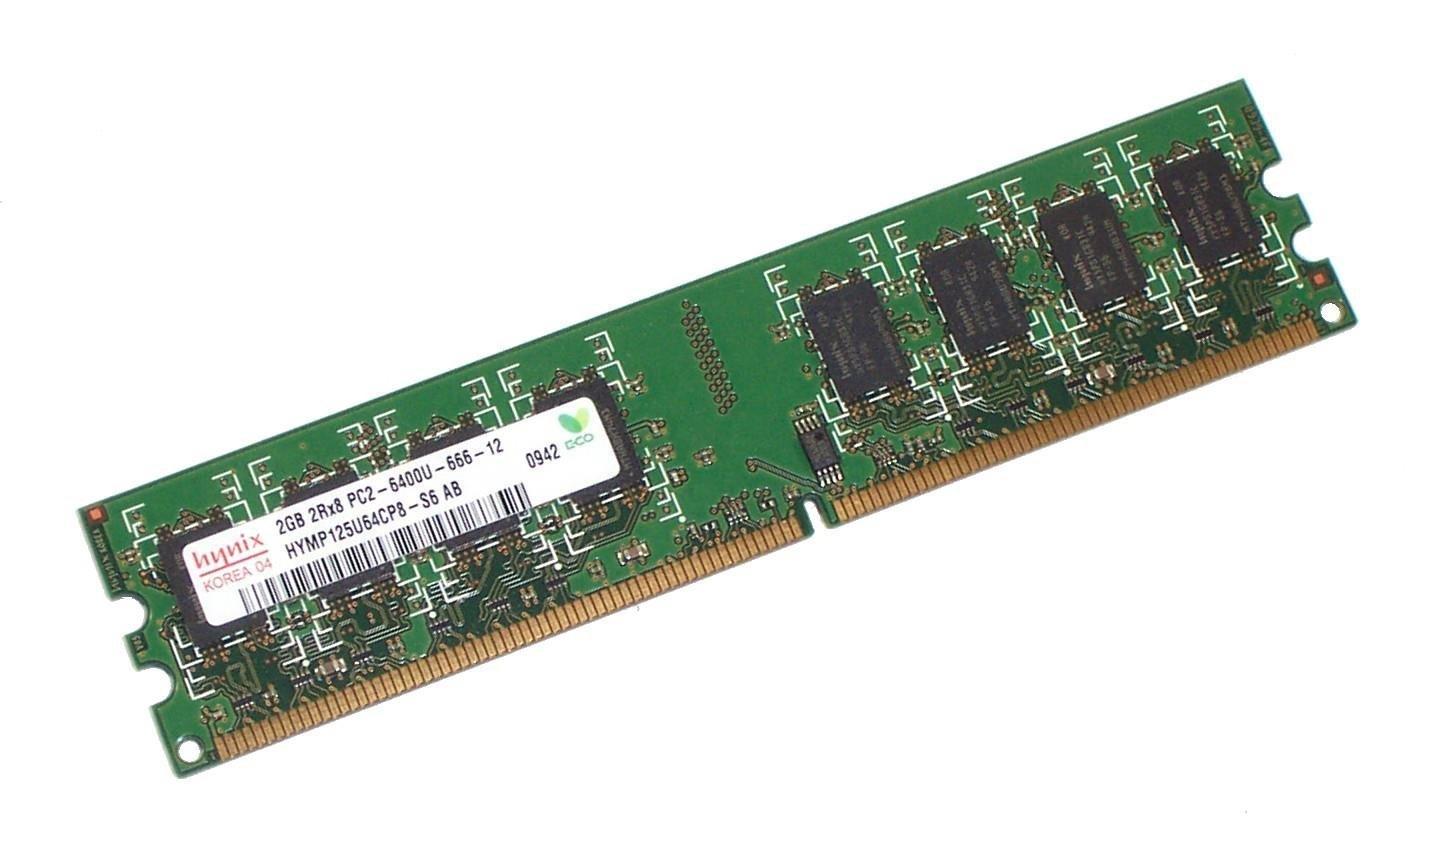 Hynix DDR2 2GB RAM / MEMORY